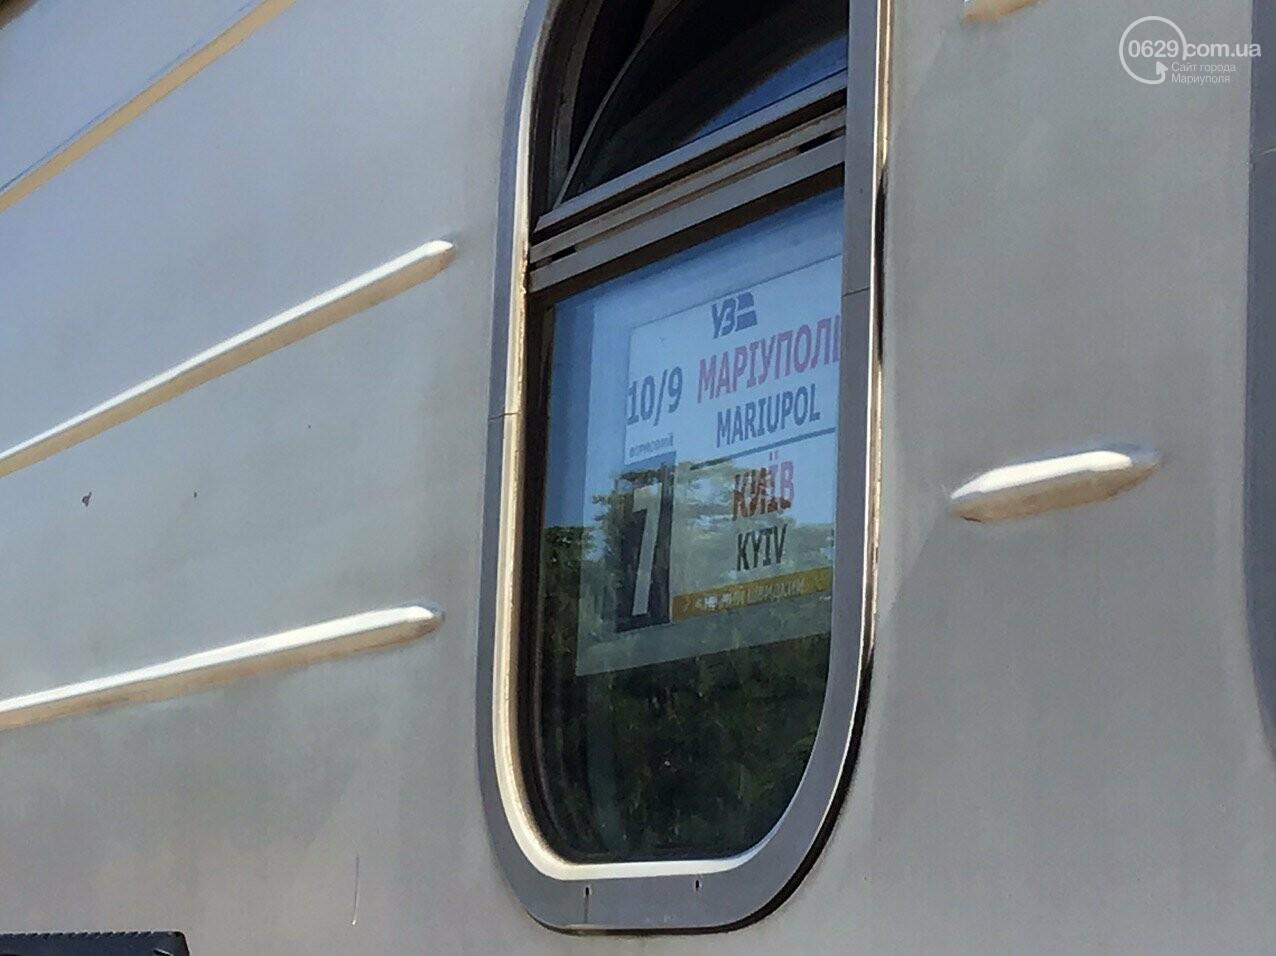 Из Мариуполя отправился первый поезд в Киев, - ФОТОРЕПОРТАЖ, ВИДЕО, фото-9